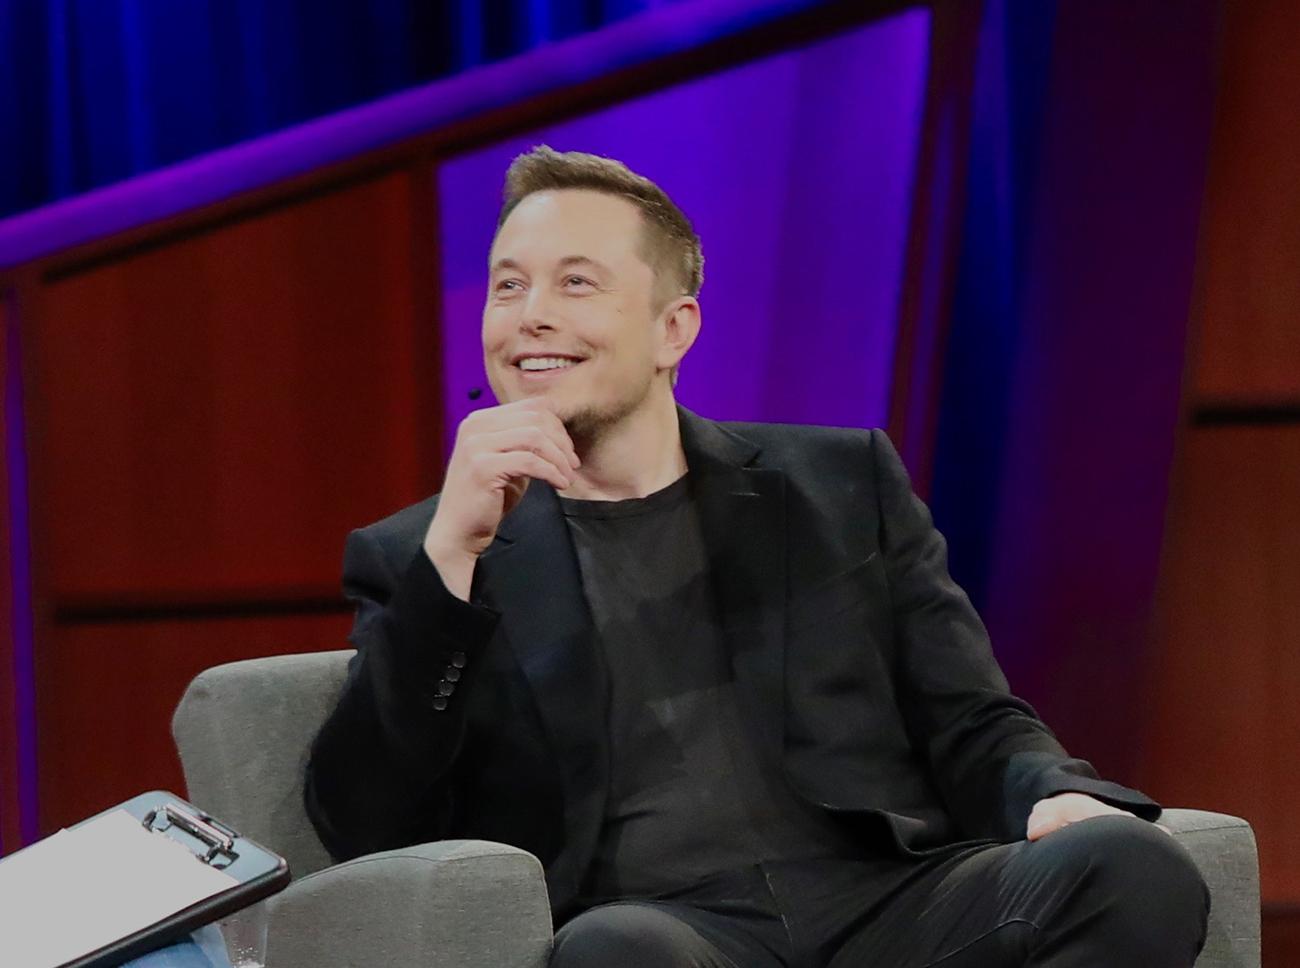 A photograph shows Elon Musk.